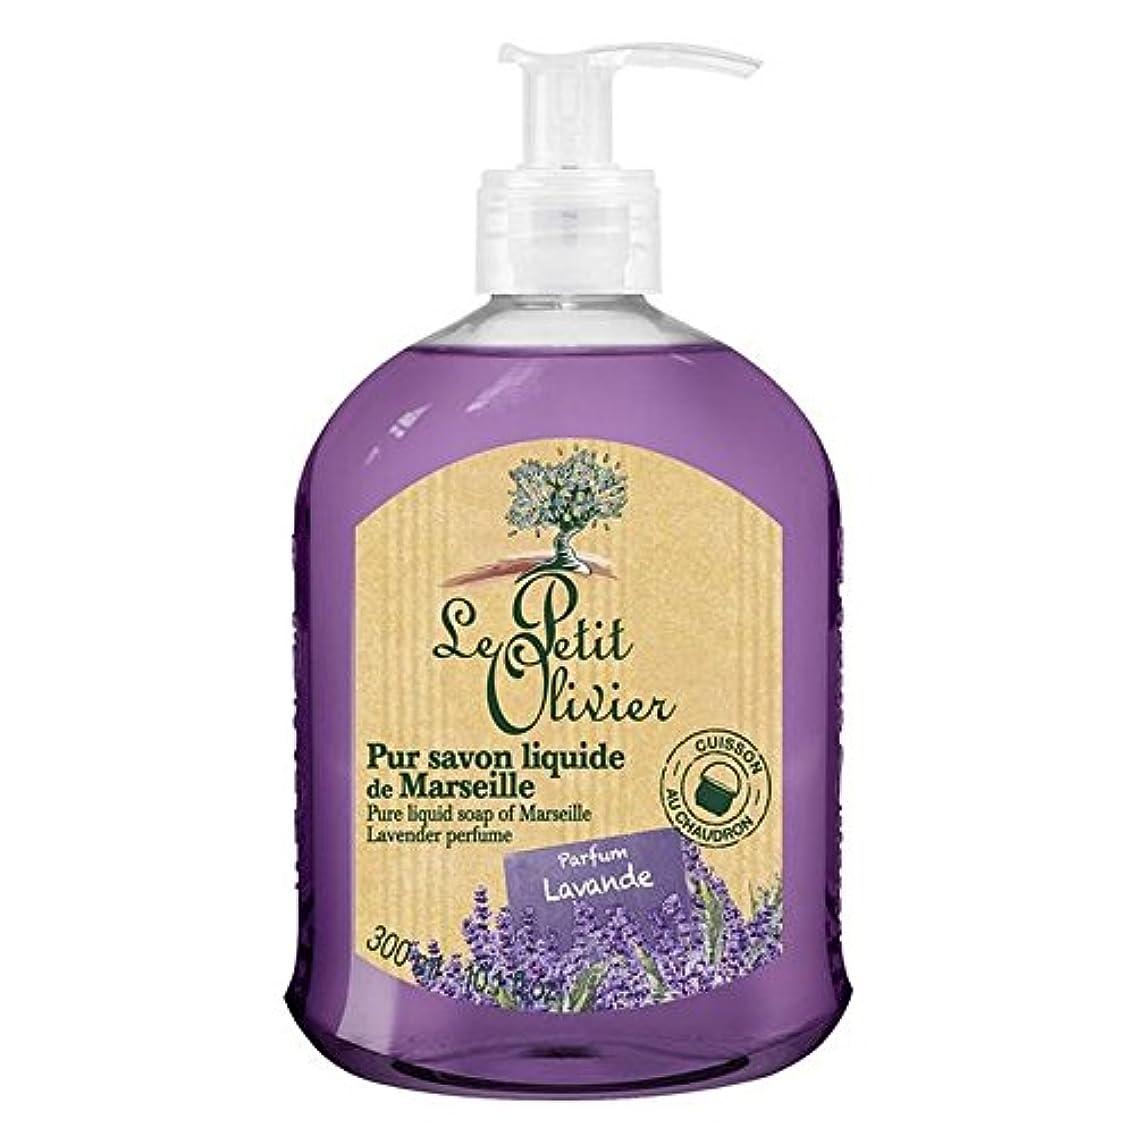 ロードハウス輝度カジュアルマルセイユのル?プティ?オリヴィエ純粋な液体石鹸、ラベンダー300ミリリットル x2 - Le Petit Olivier Pure Liquid Soap of Marseille, Lavender 300ml (Pack...